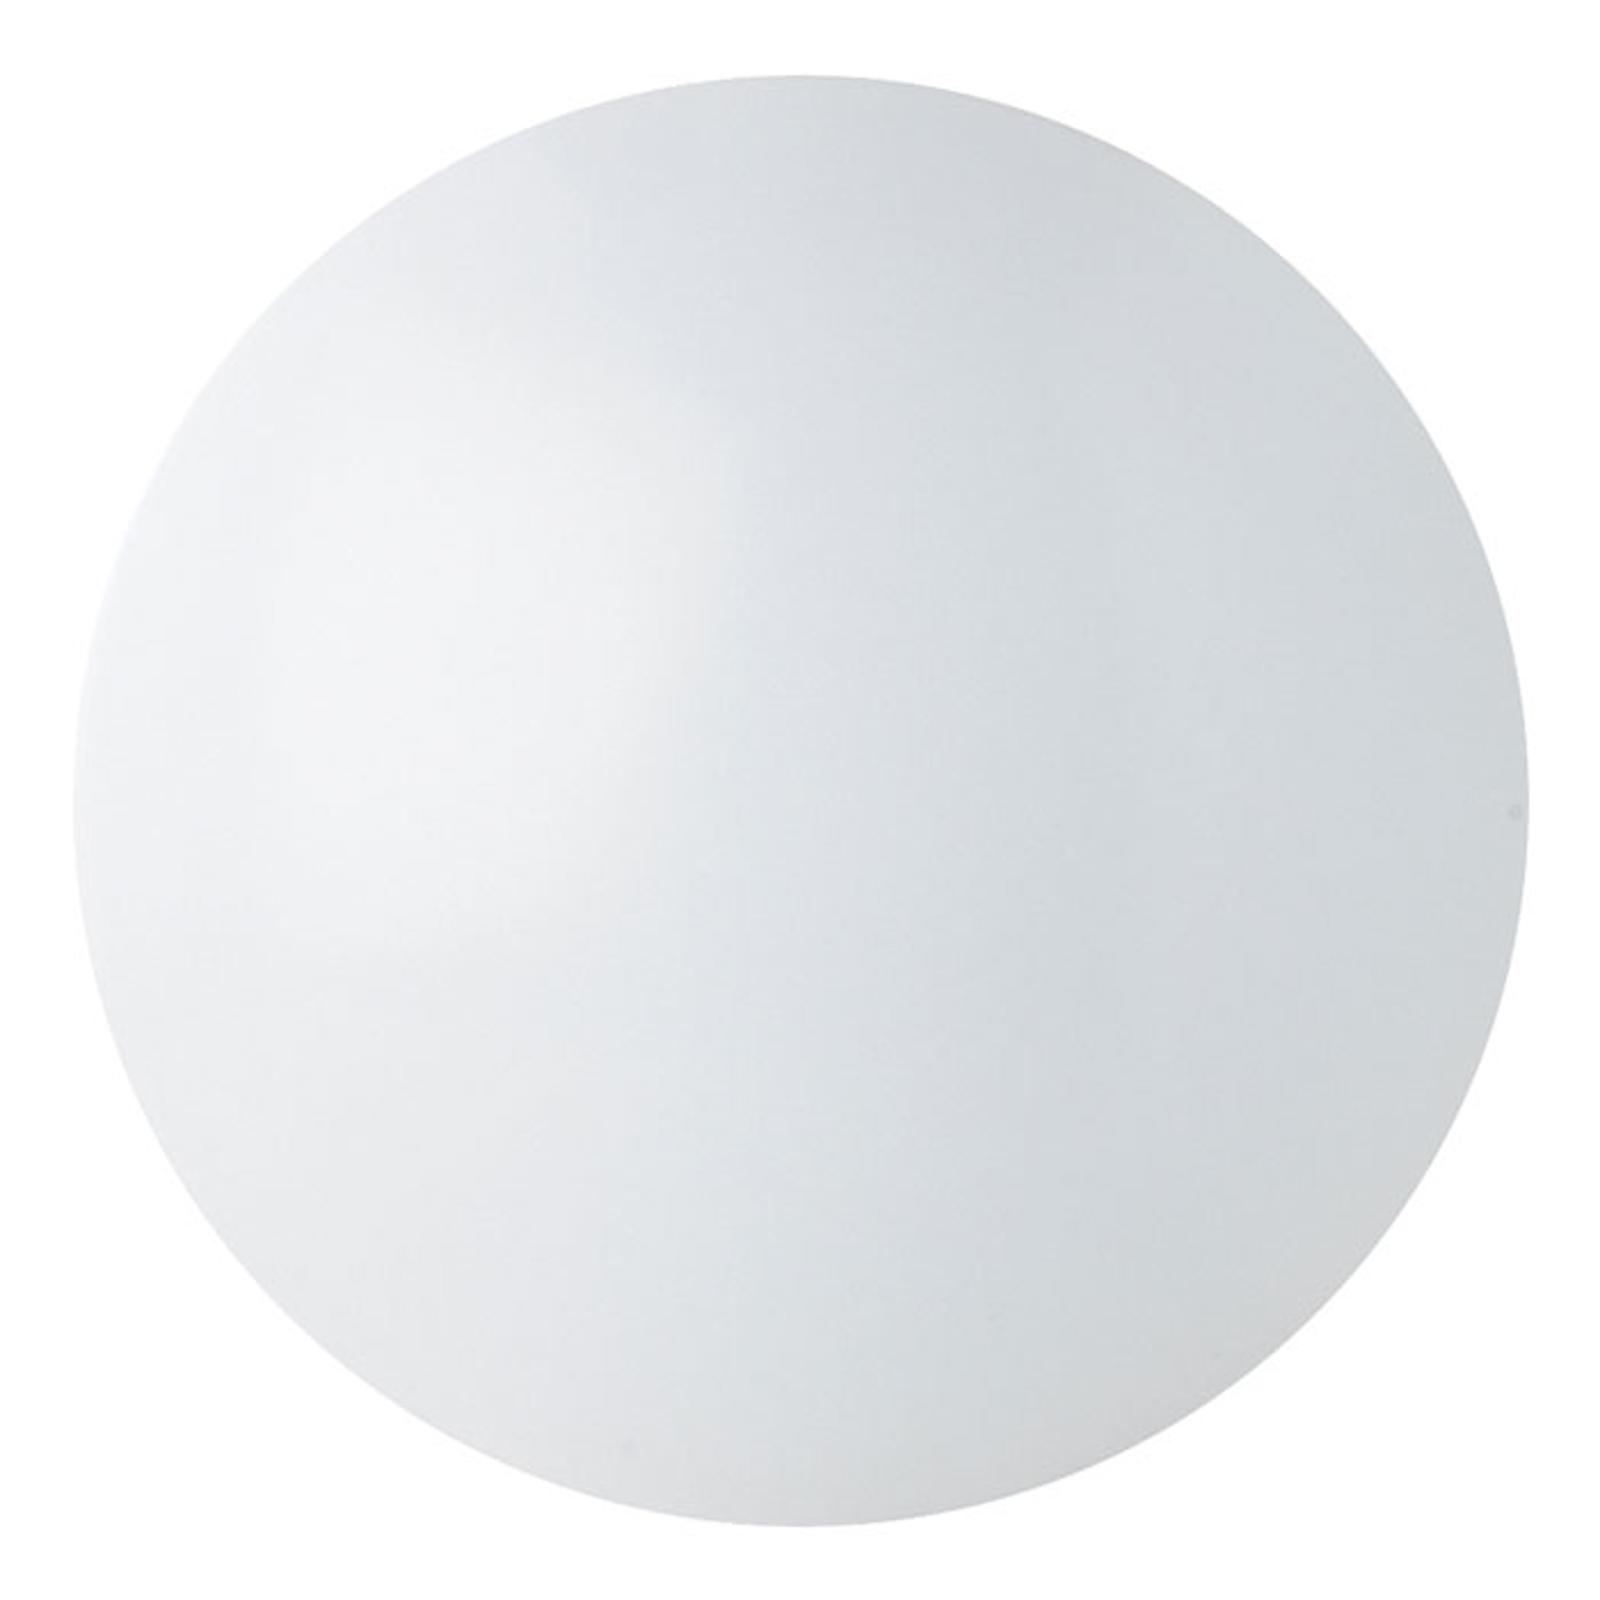 Renzo rund LED taklampe 39 cm, 4000 K